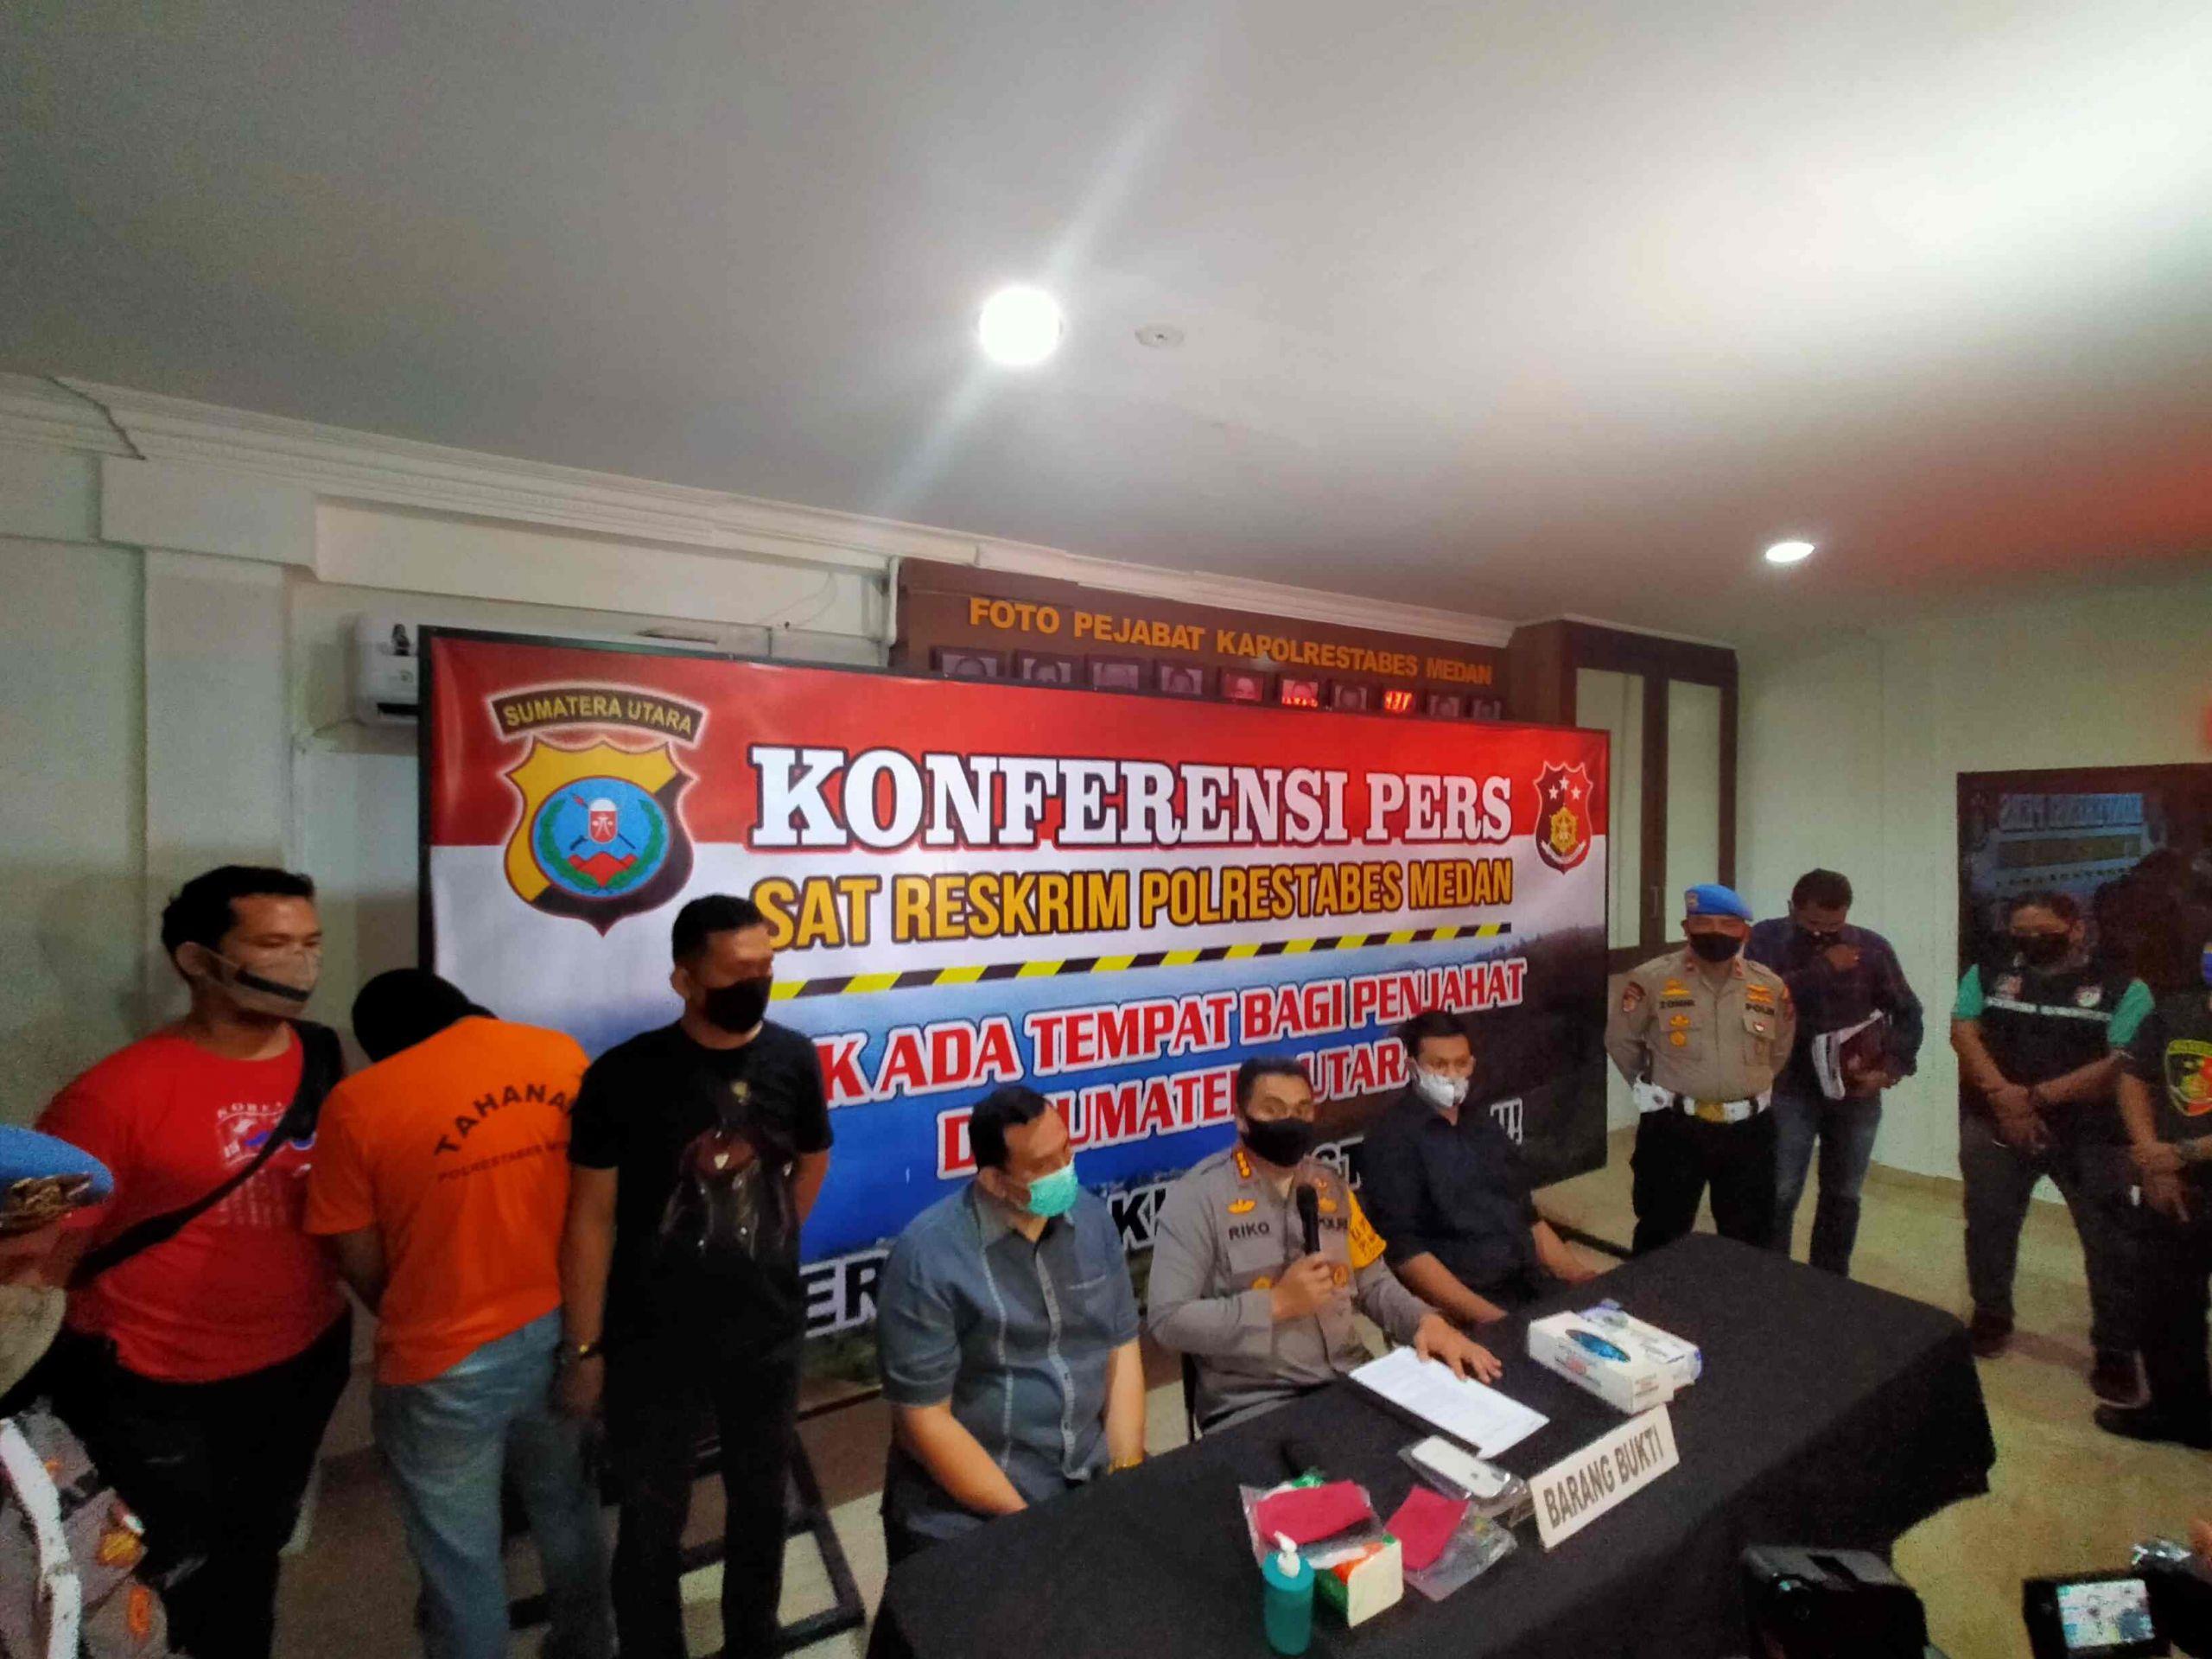 BREAKING NEWS : Polrestabes Medan Tahan 1 Tersangka Kasus Prostitusi Artis FTV